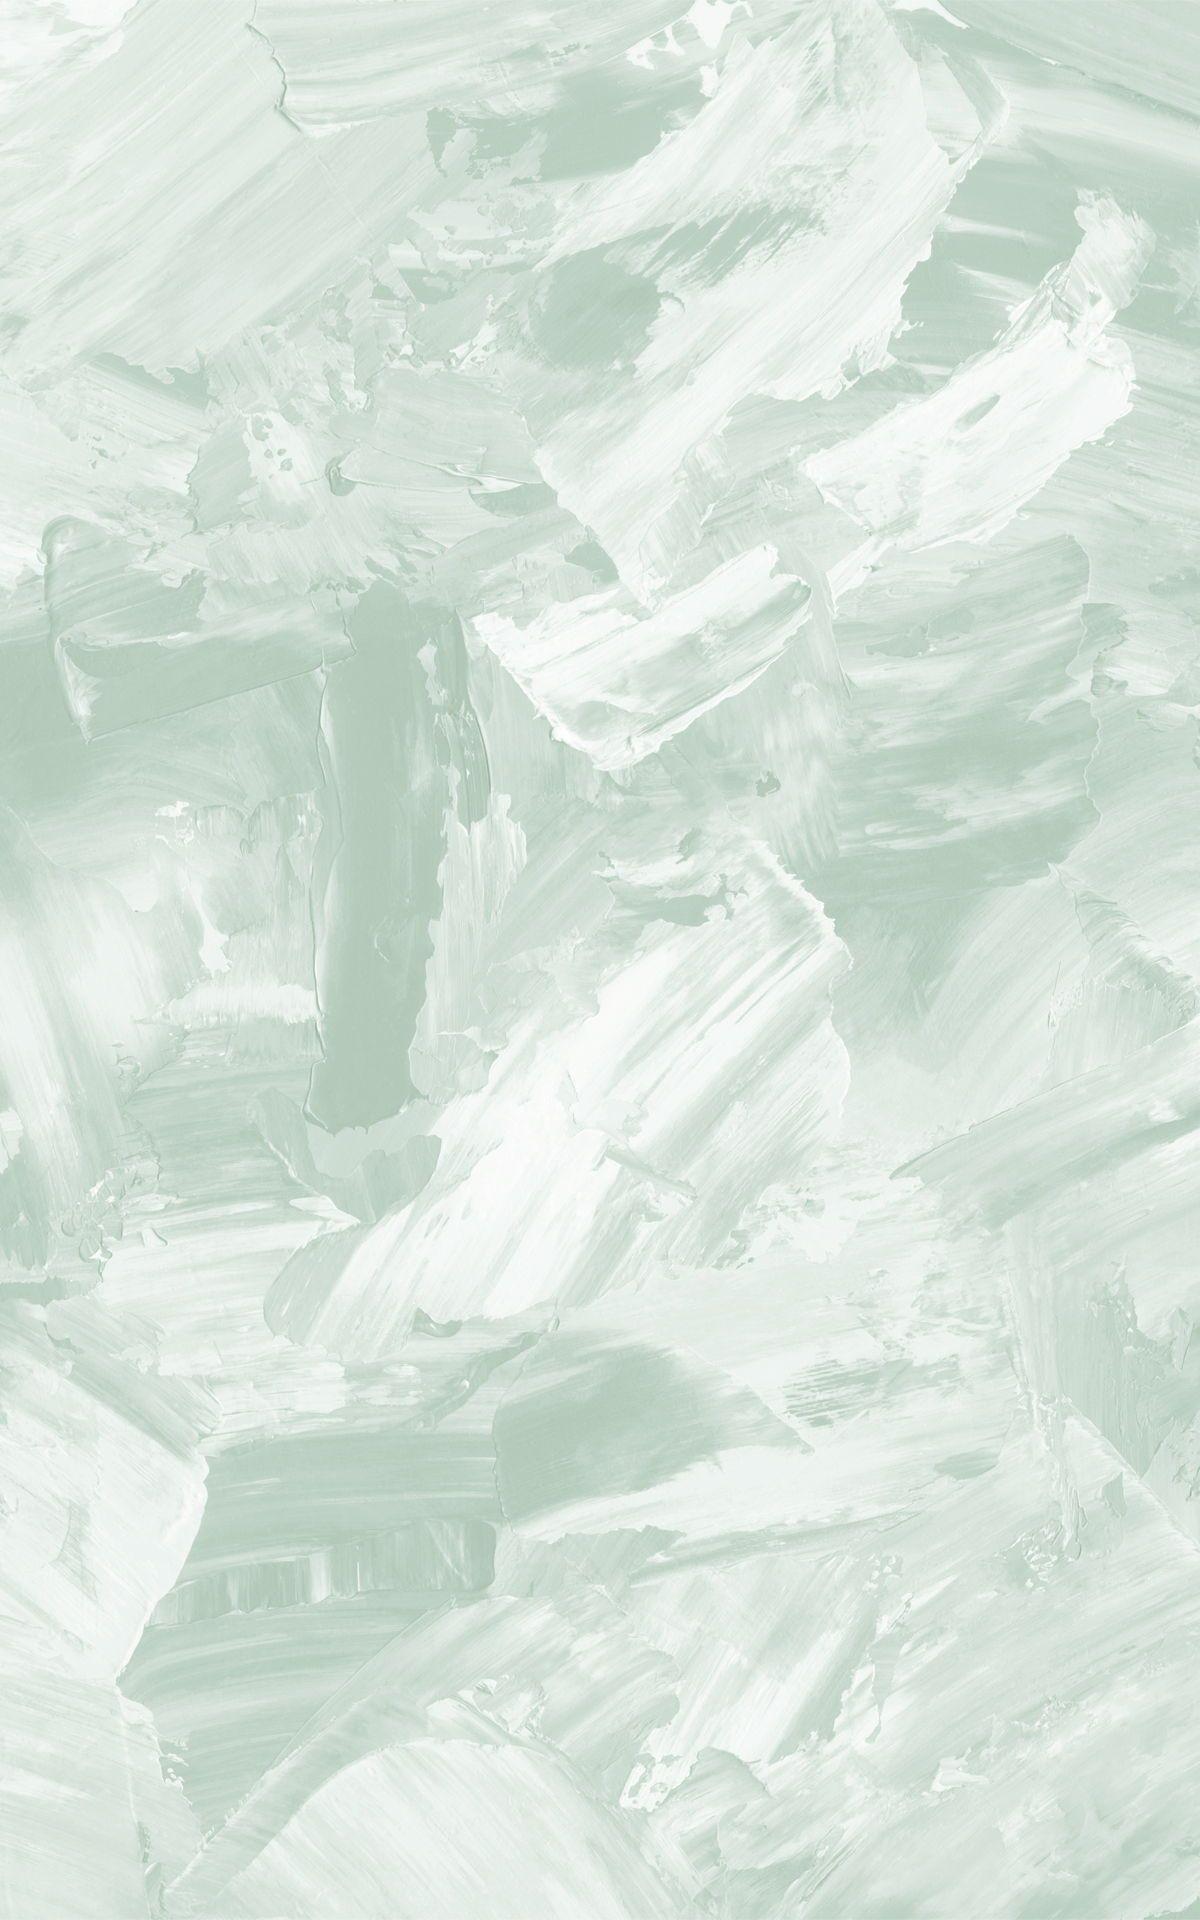 1200x1920 Sage Bức tranh tường trừu tượng sơn nét vẽ.  Hovia UK vào năm 2021. Hình nền tranh, Hình nền tối giản, Hình nền trừu tượng